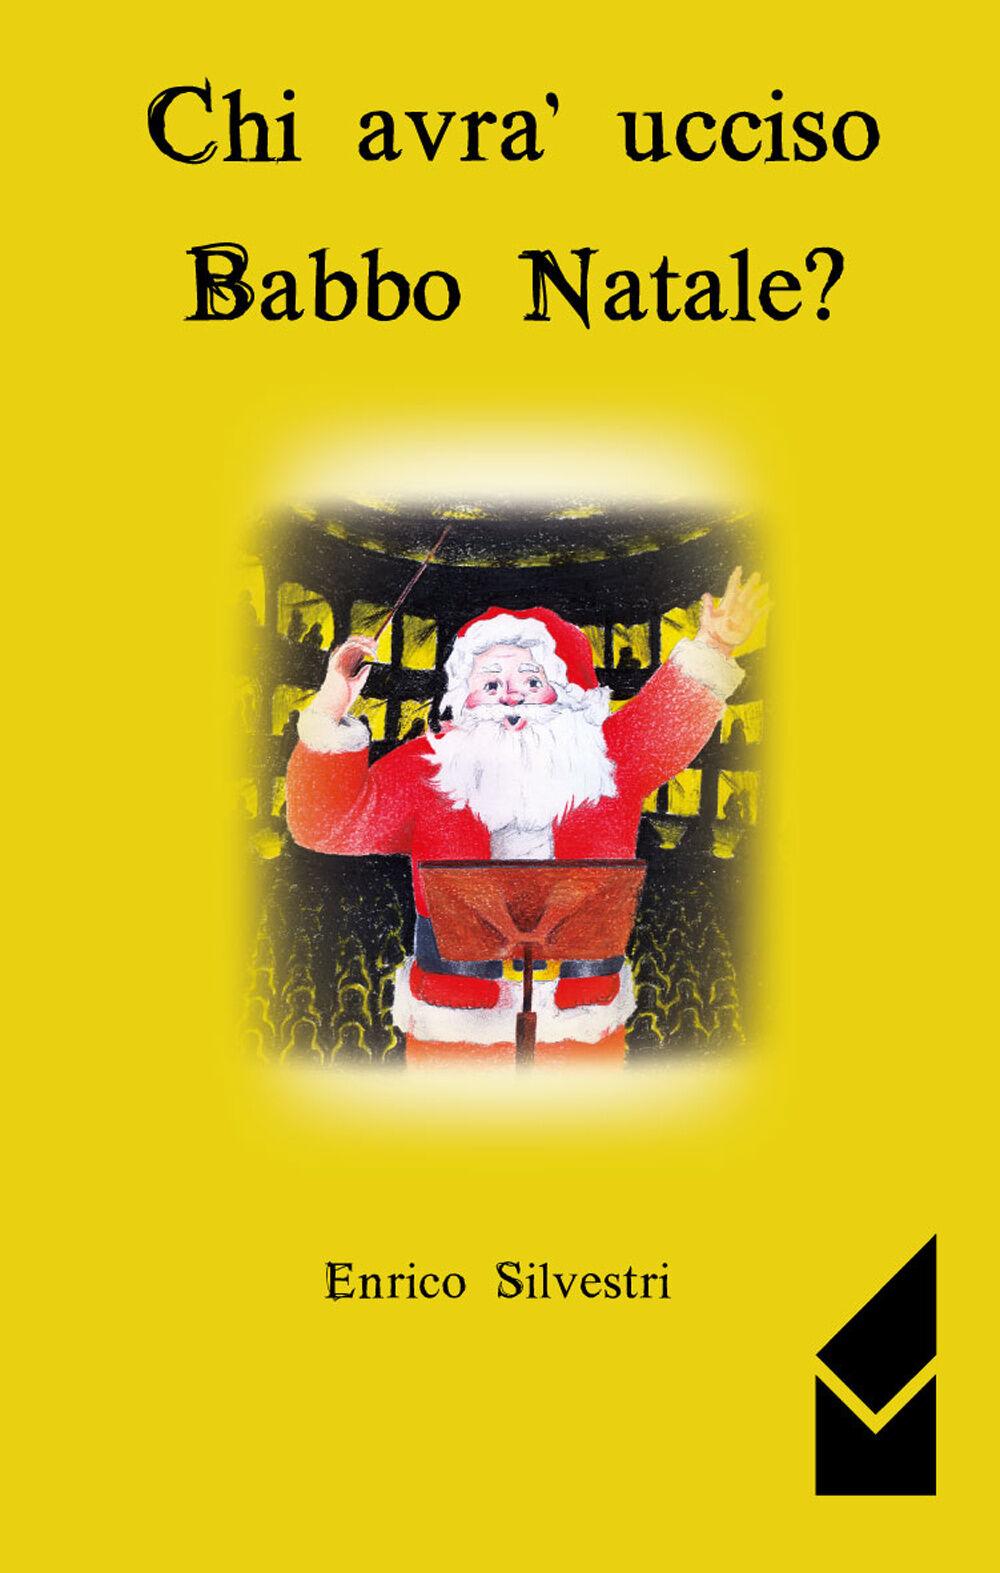 Chi avrà ucciso Babbo Natale?